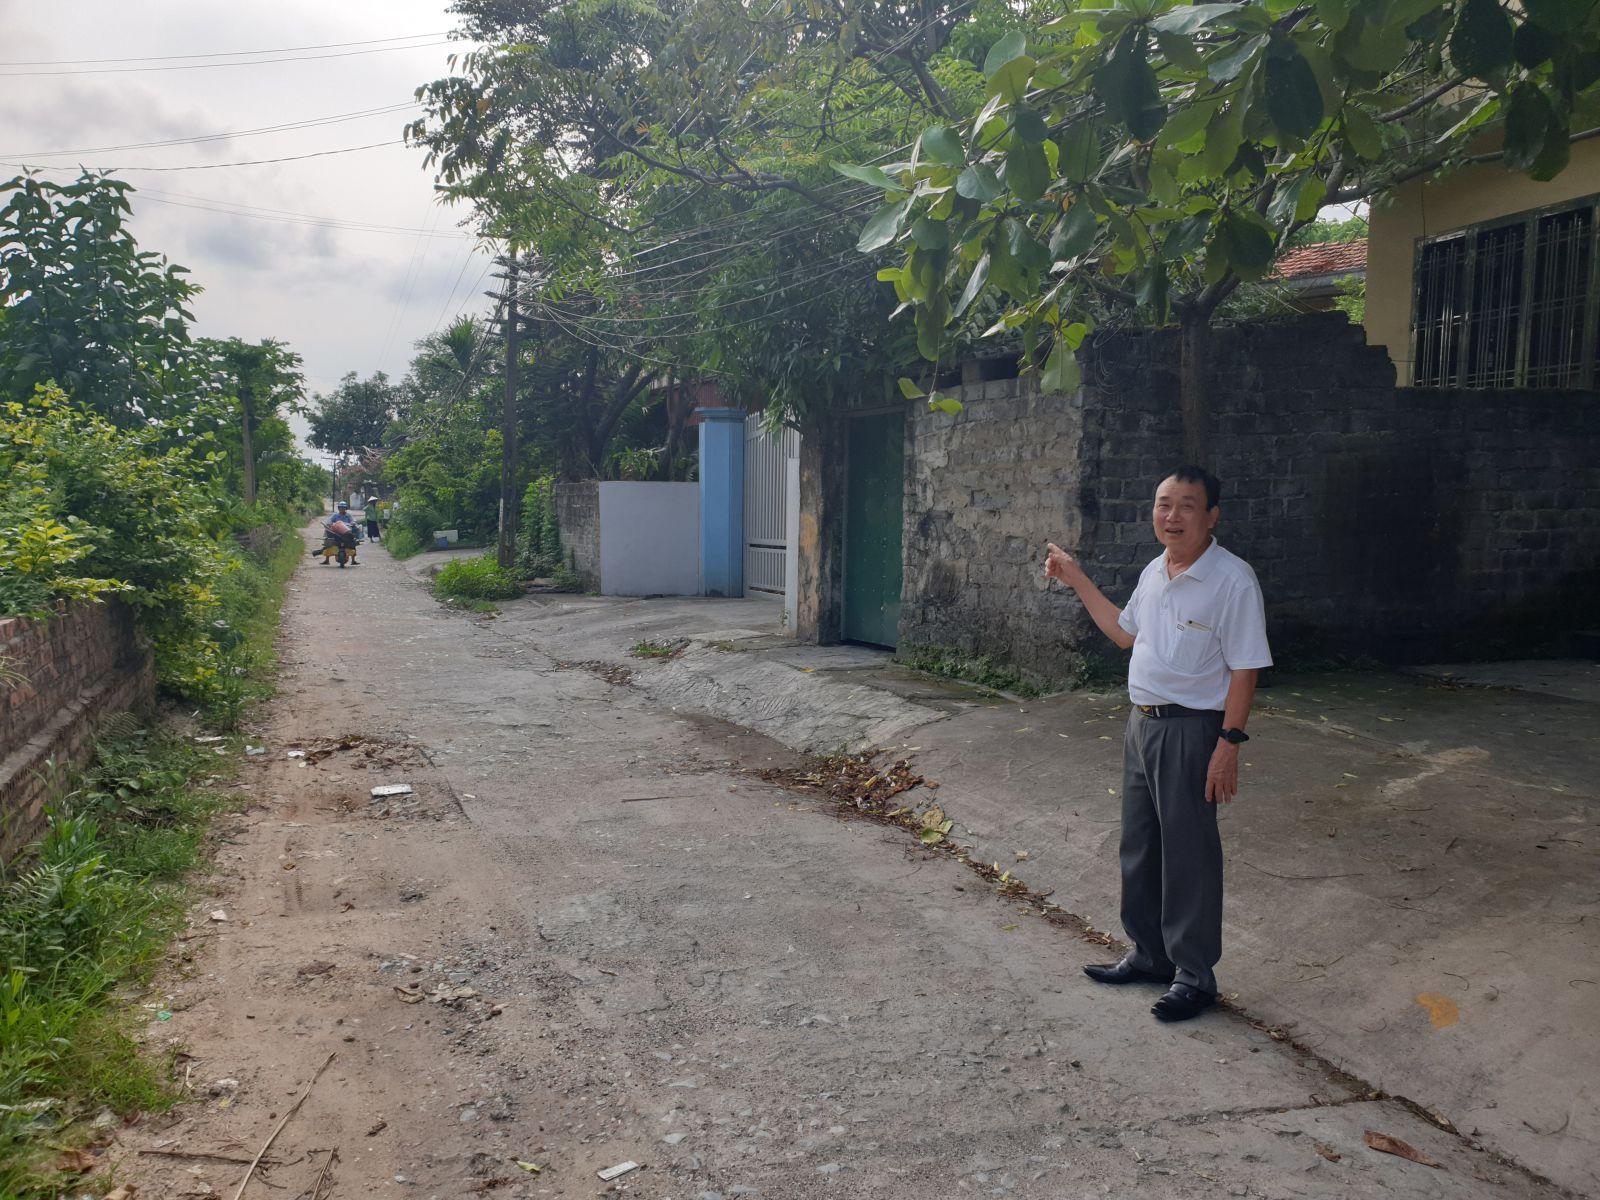 Người dân thành phố Uông Bí khổ sở vì dự án, có đất mà không được xây nhà. Ảnh Lê Cường